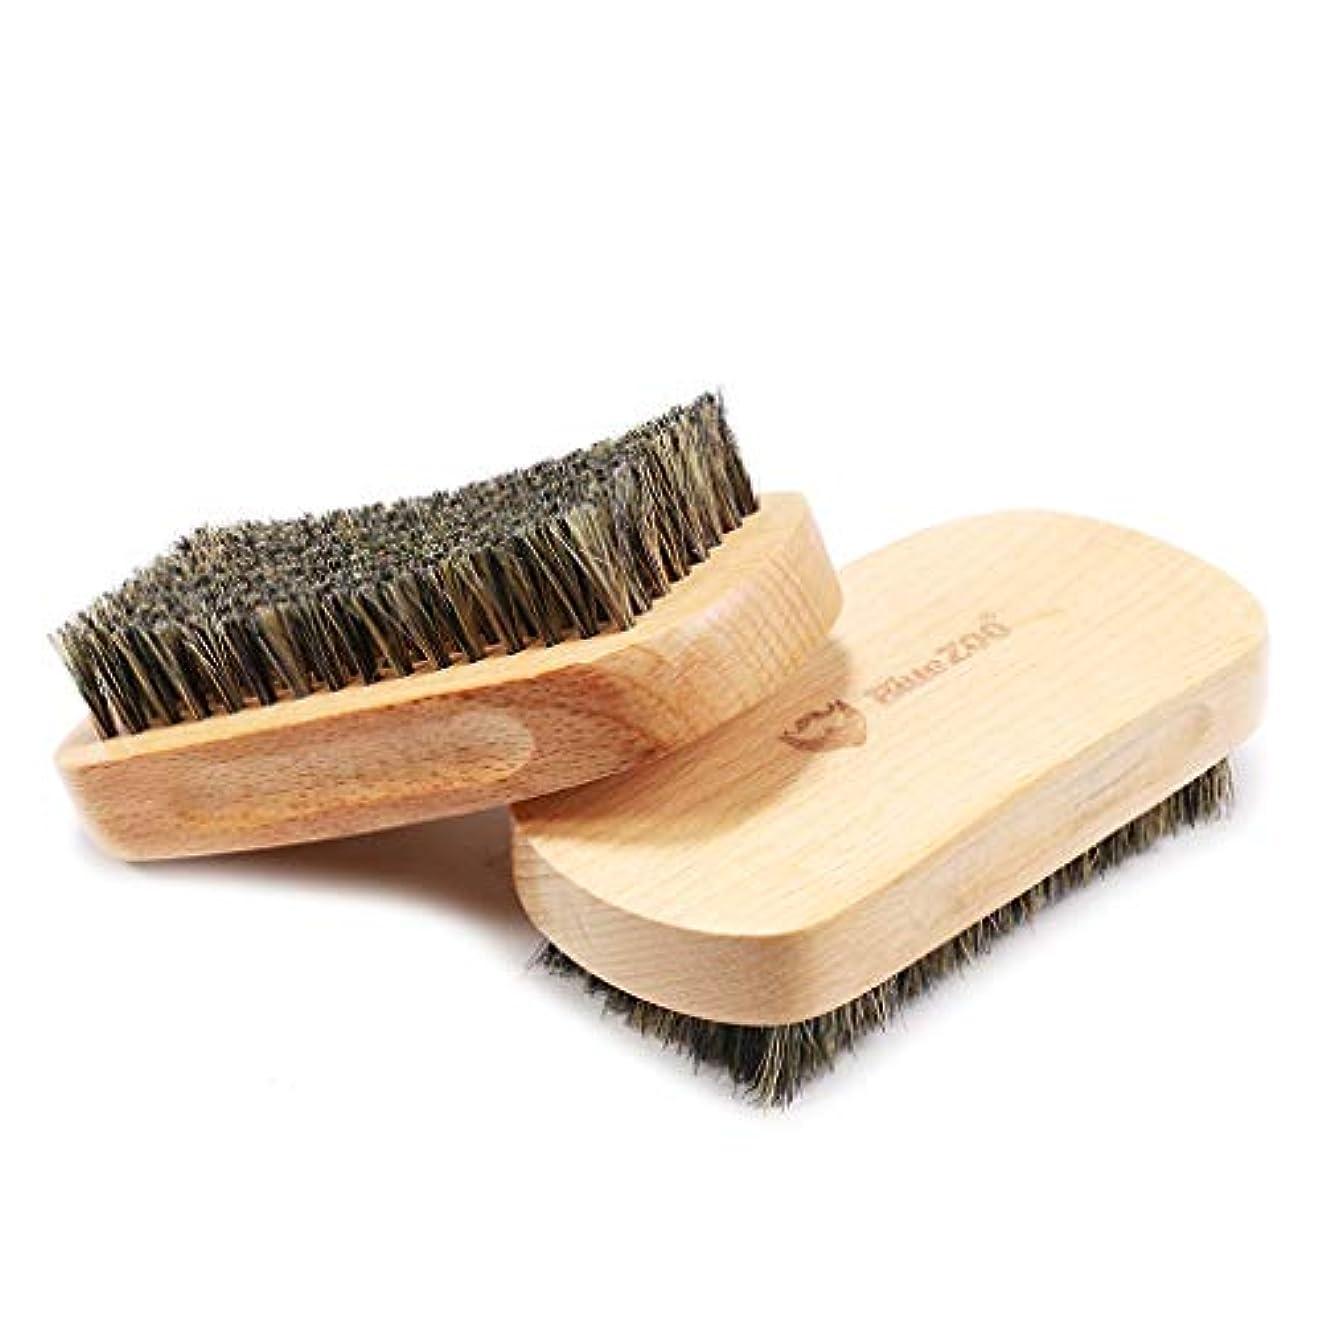 レンダリング避けられない絞るシェービングブラシ メンズ 理容 洗顔 髭剃り ひげブラシ 散髪整理 理髪用 首/顔 髭剃り